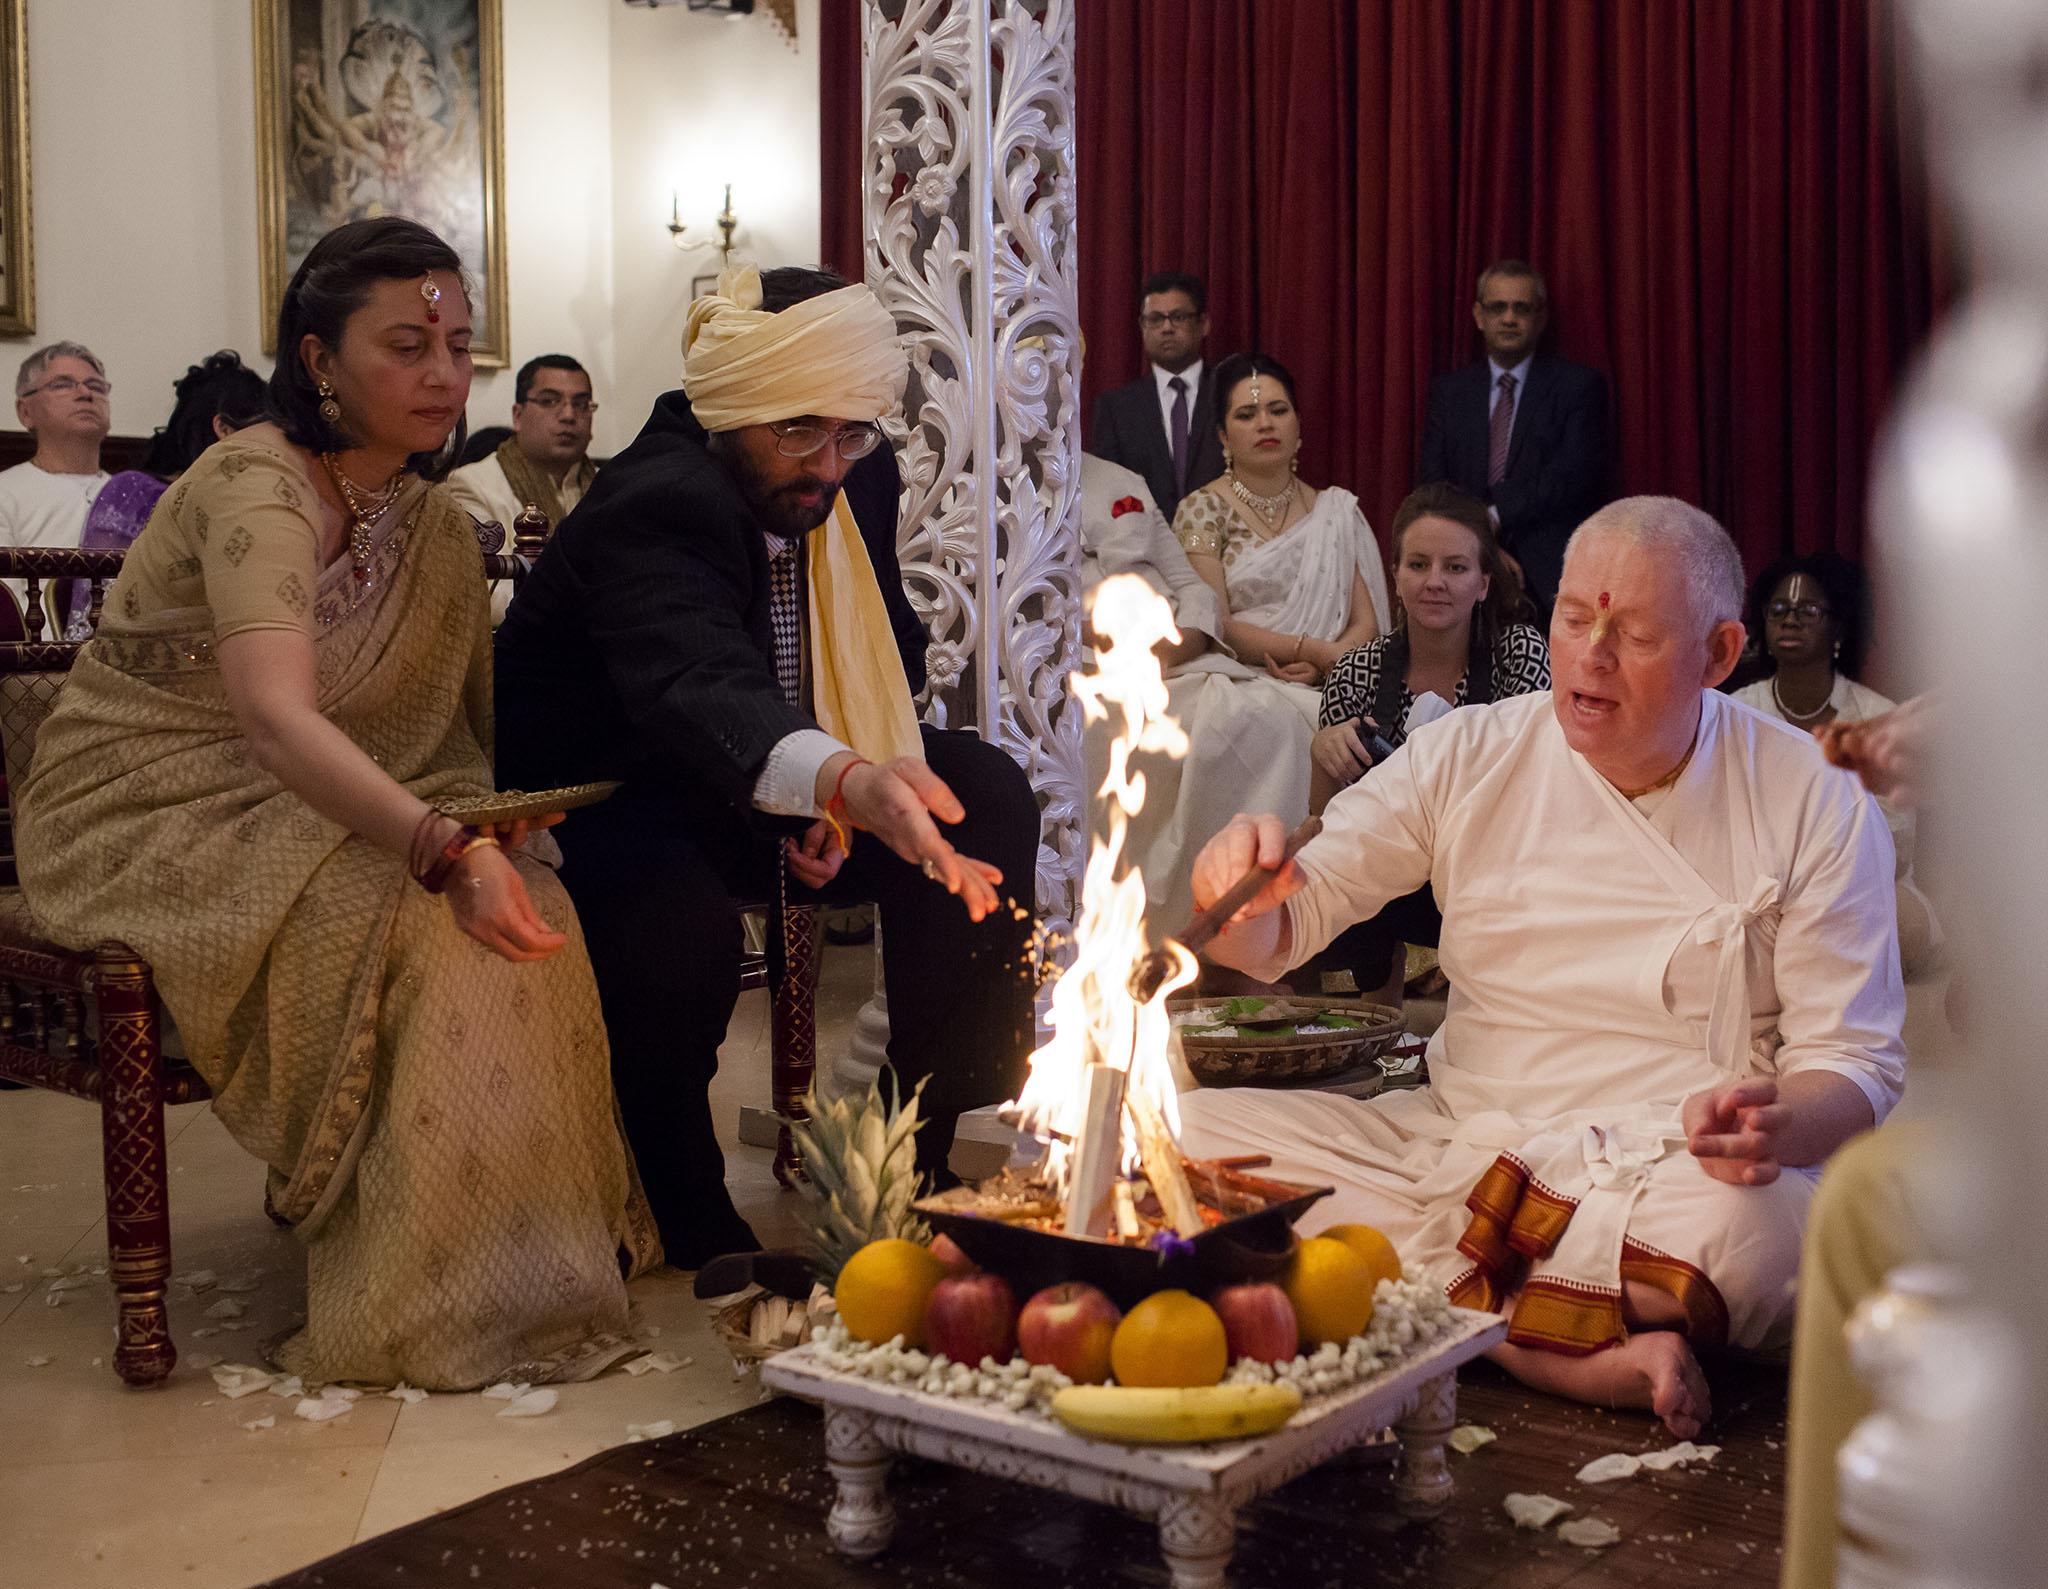 elizabethgphotography_kingslangley_hertfordshire_fineart_indian_wedding_photography_bhavesh_kundalata_bhaktivedanta_manor_watford_jpg40.jpg